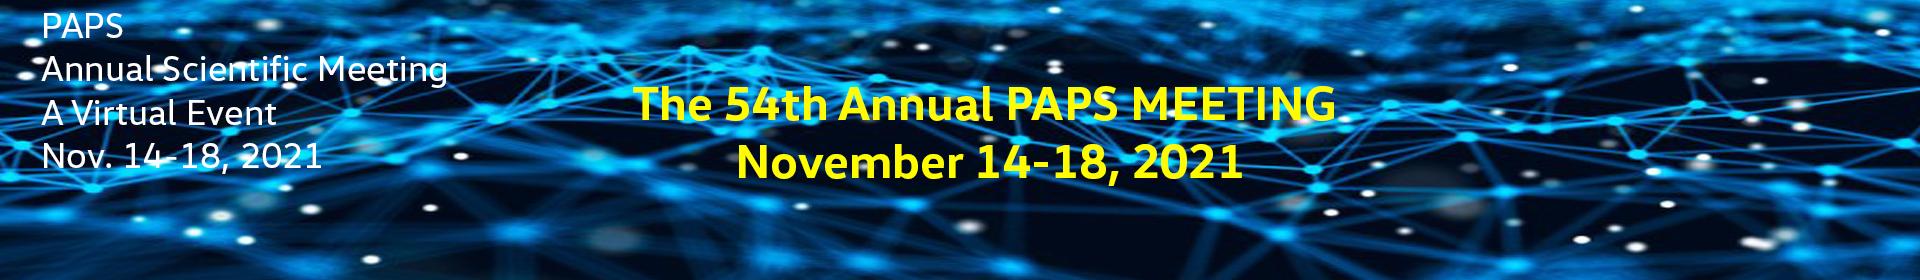 PAPS 2021 Virtual Meeting